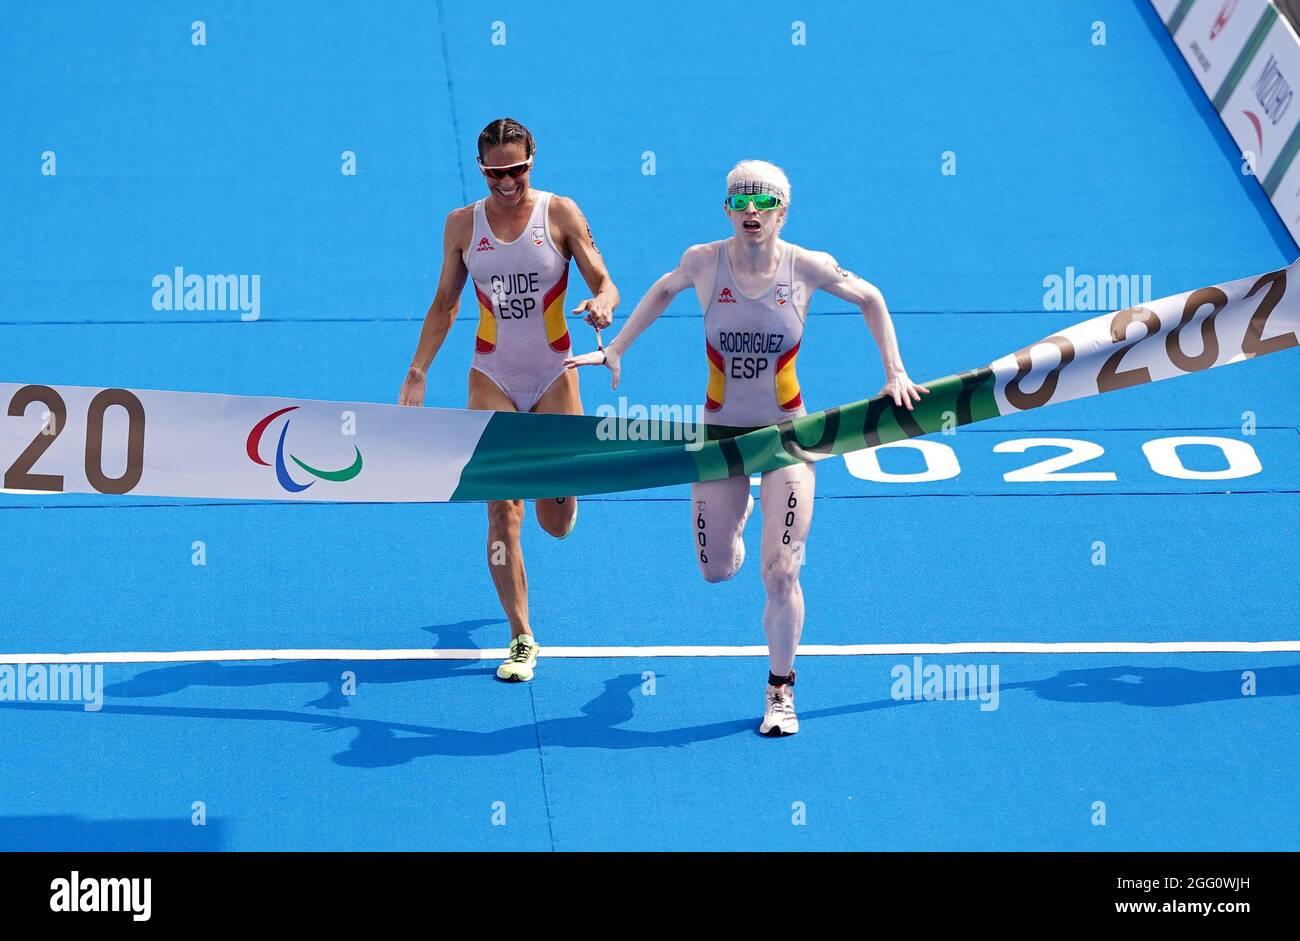 Die spanische Susana Rodriguez und die Führerin Sara Loehr überqueren die Linie, um am vierten Tag der Paralympischen Spiele in Tokio 2020 in Japan beim Frauen-PTVI-Triathlon im Odaiba Marine Park Gold zu gewinnen. Bilddatum: Samstag, 28. August 2021. Stockfoto